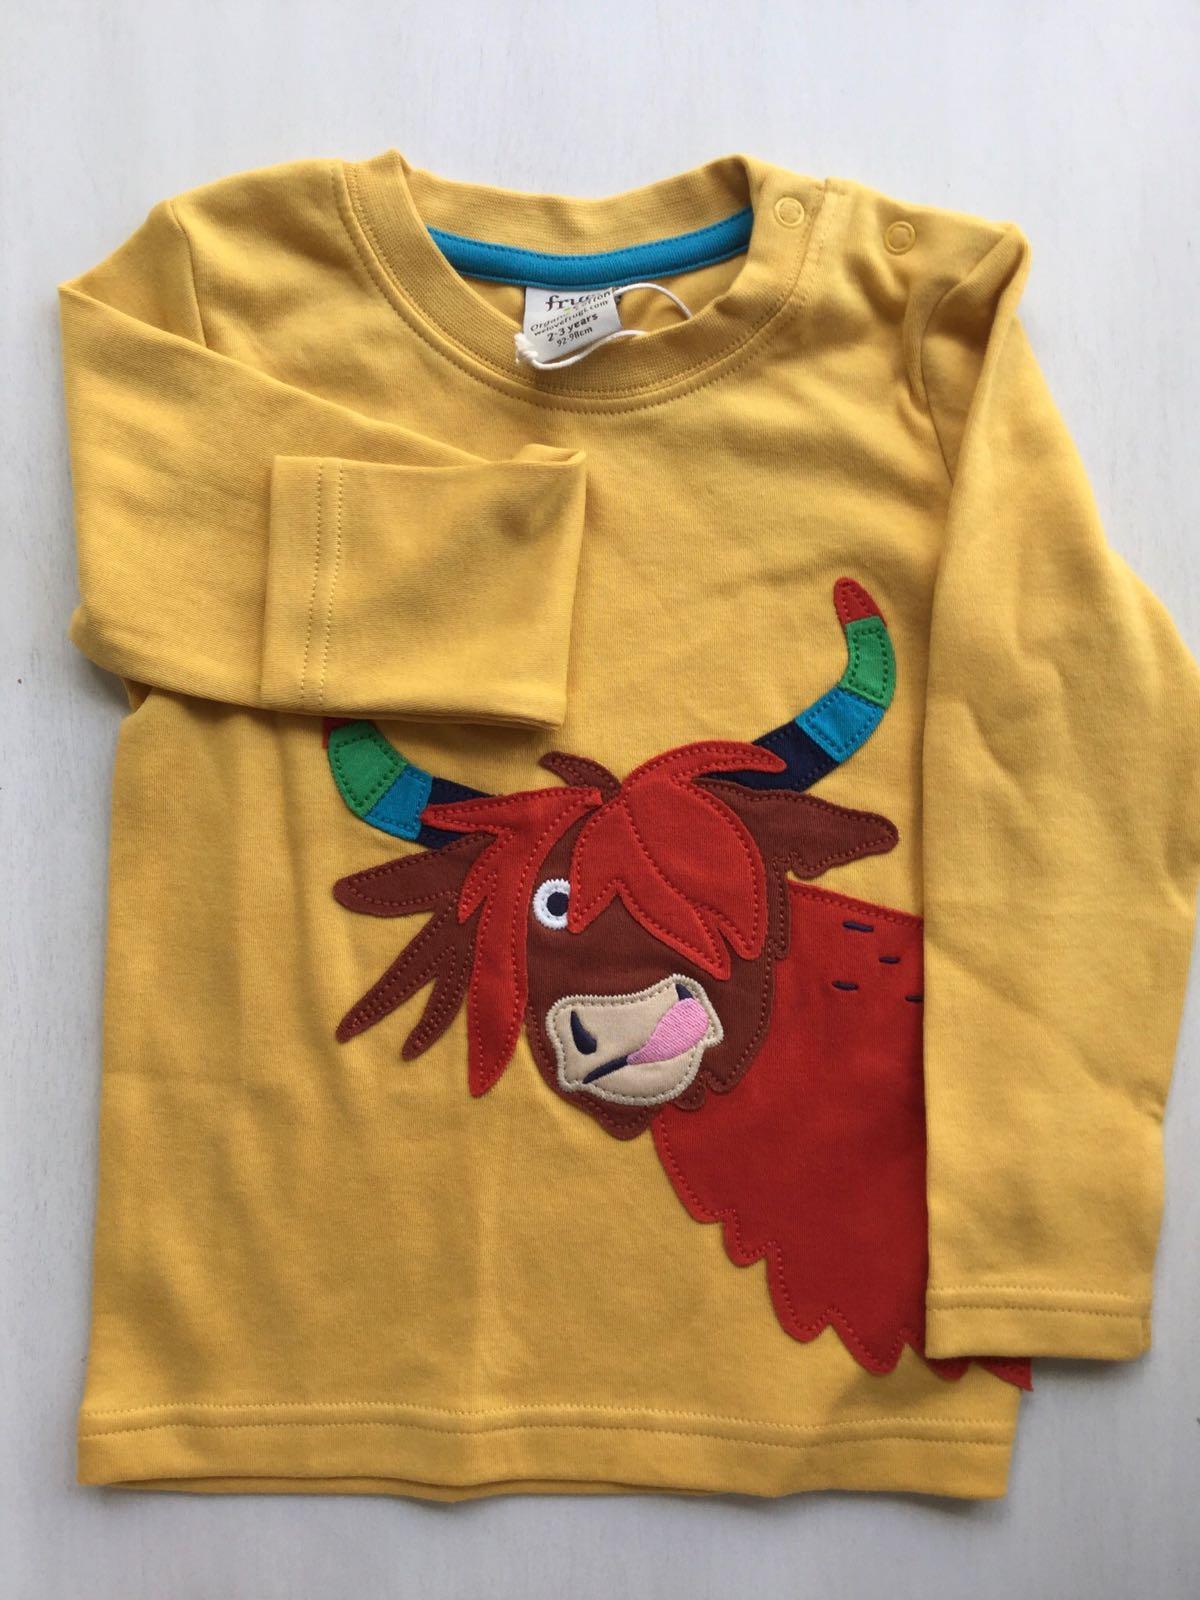 NEW - Frugi - Adventure appliqué top - Bumble bee/ cow